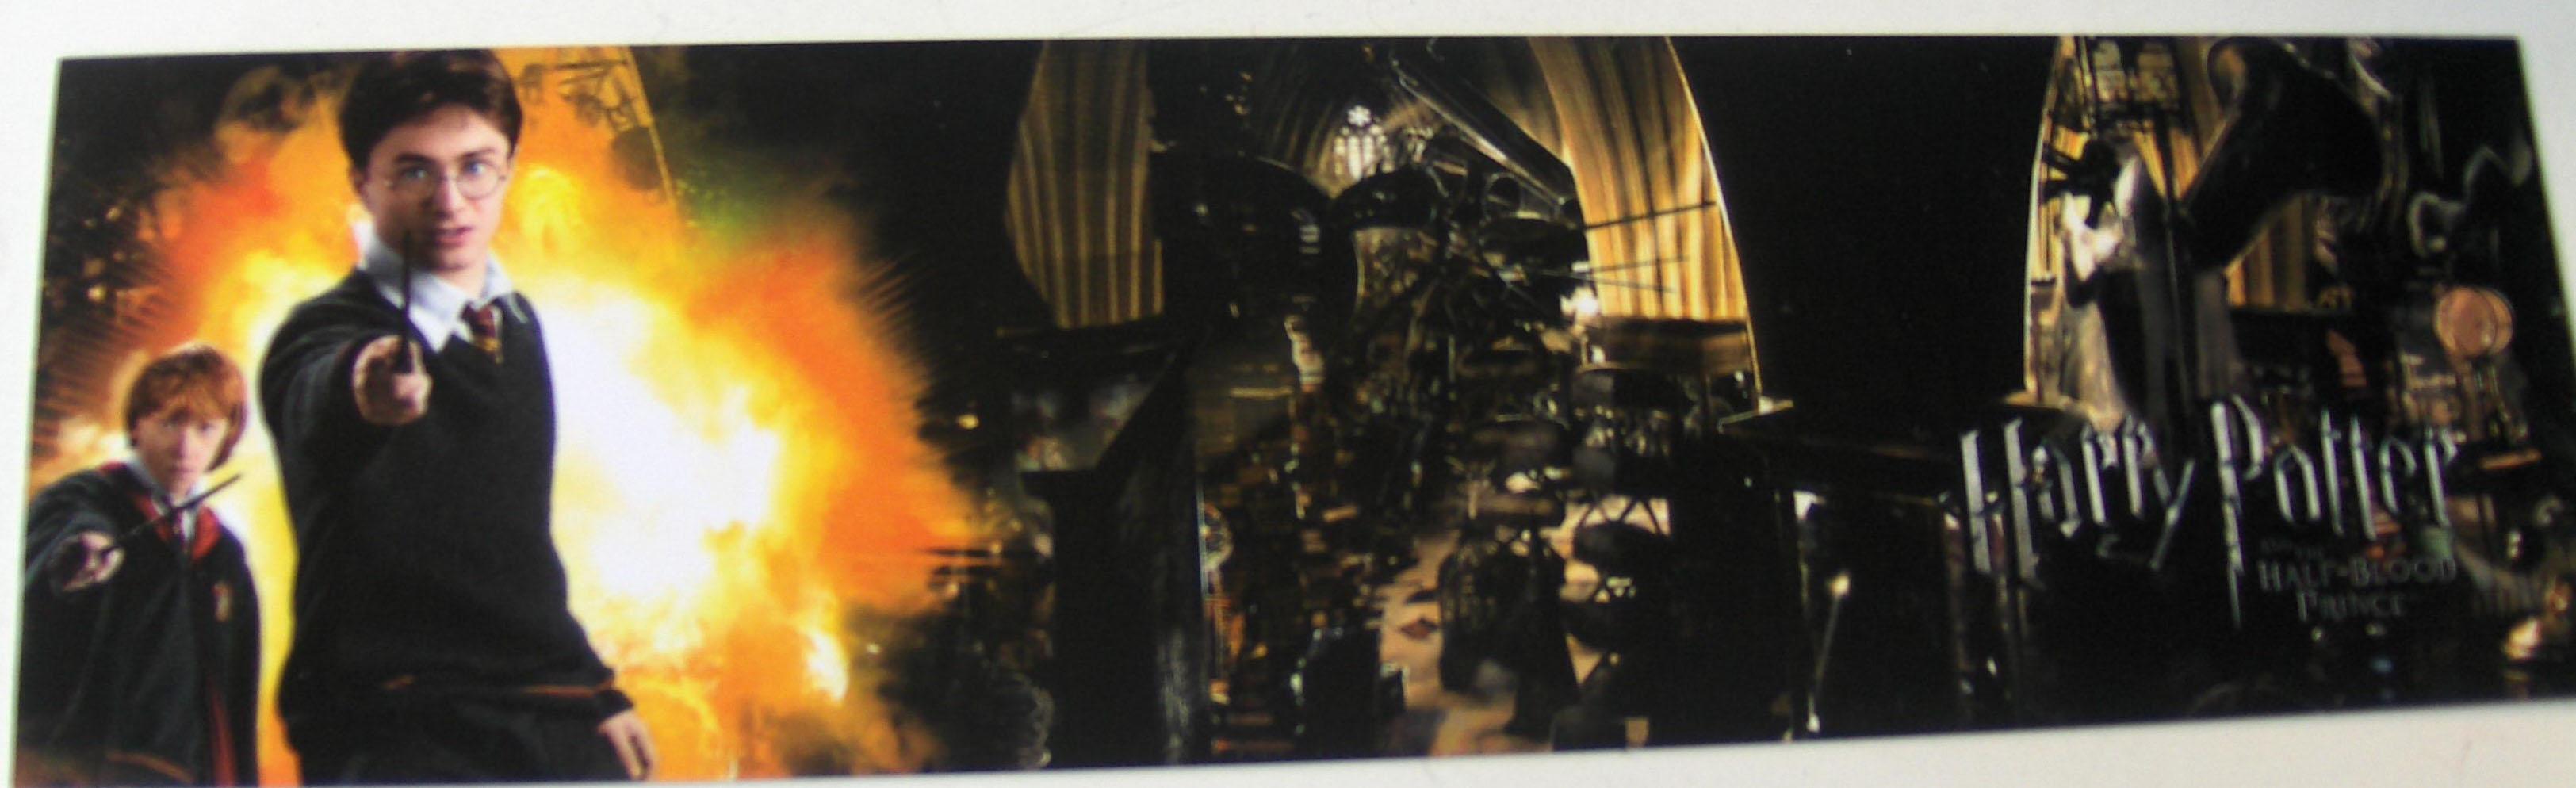 Panorama représentant Ron et Harry en position de combat sur fond de flammes puis la grande salle